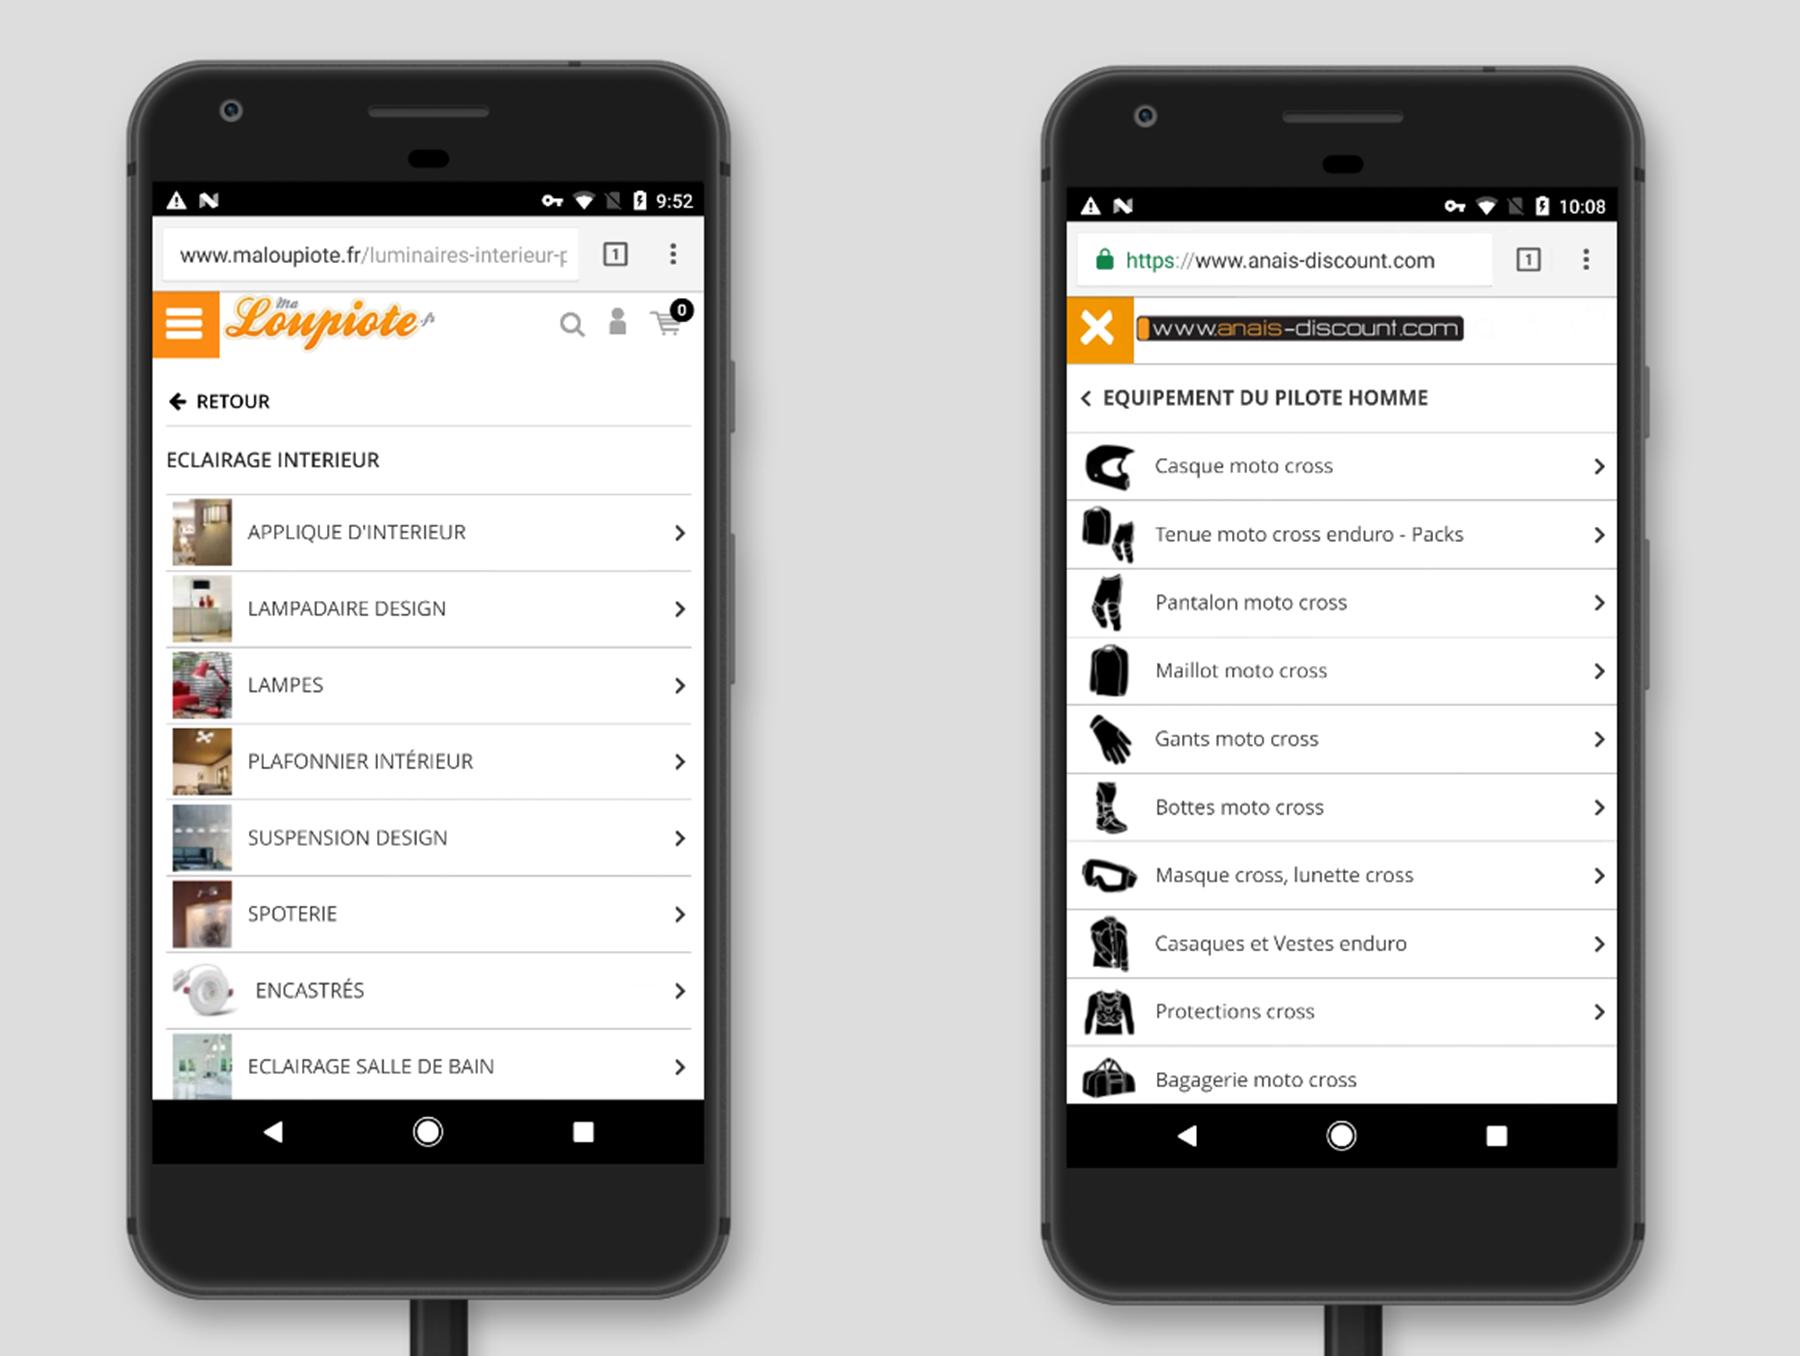 Affichage de pages de rubriques de site e-commerce sur version mobile